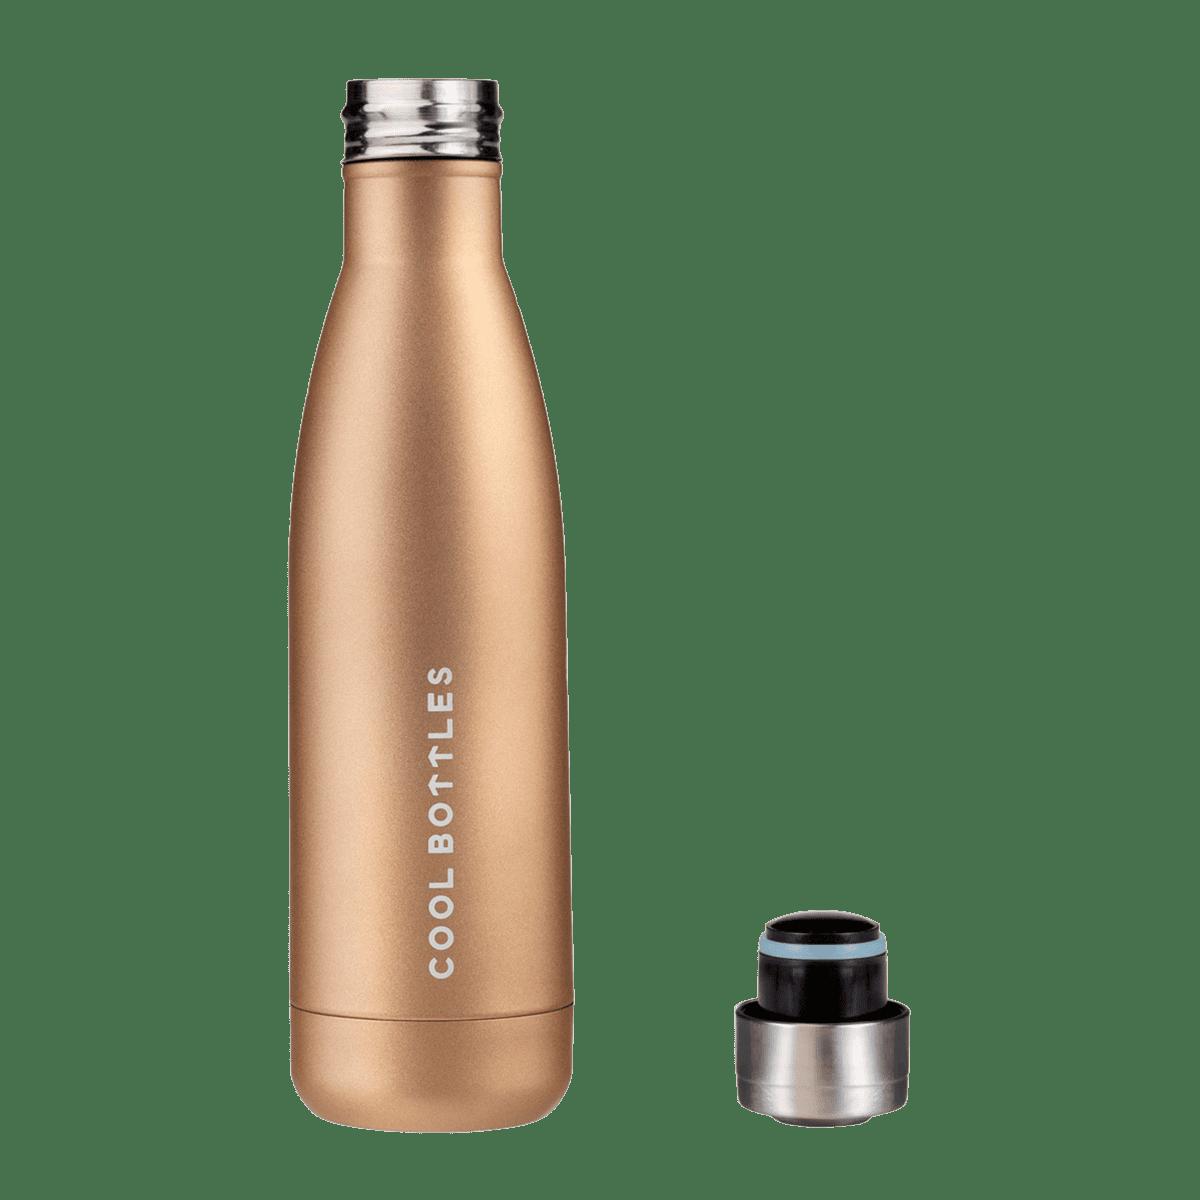 Metallic_Gold-cool-bottles-03